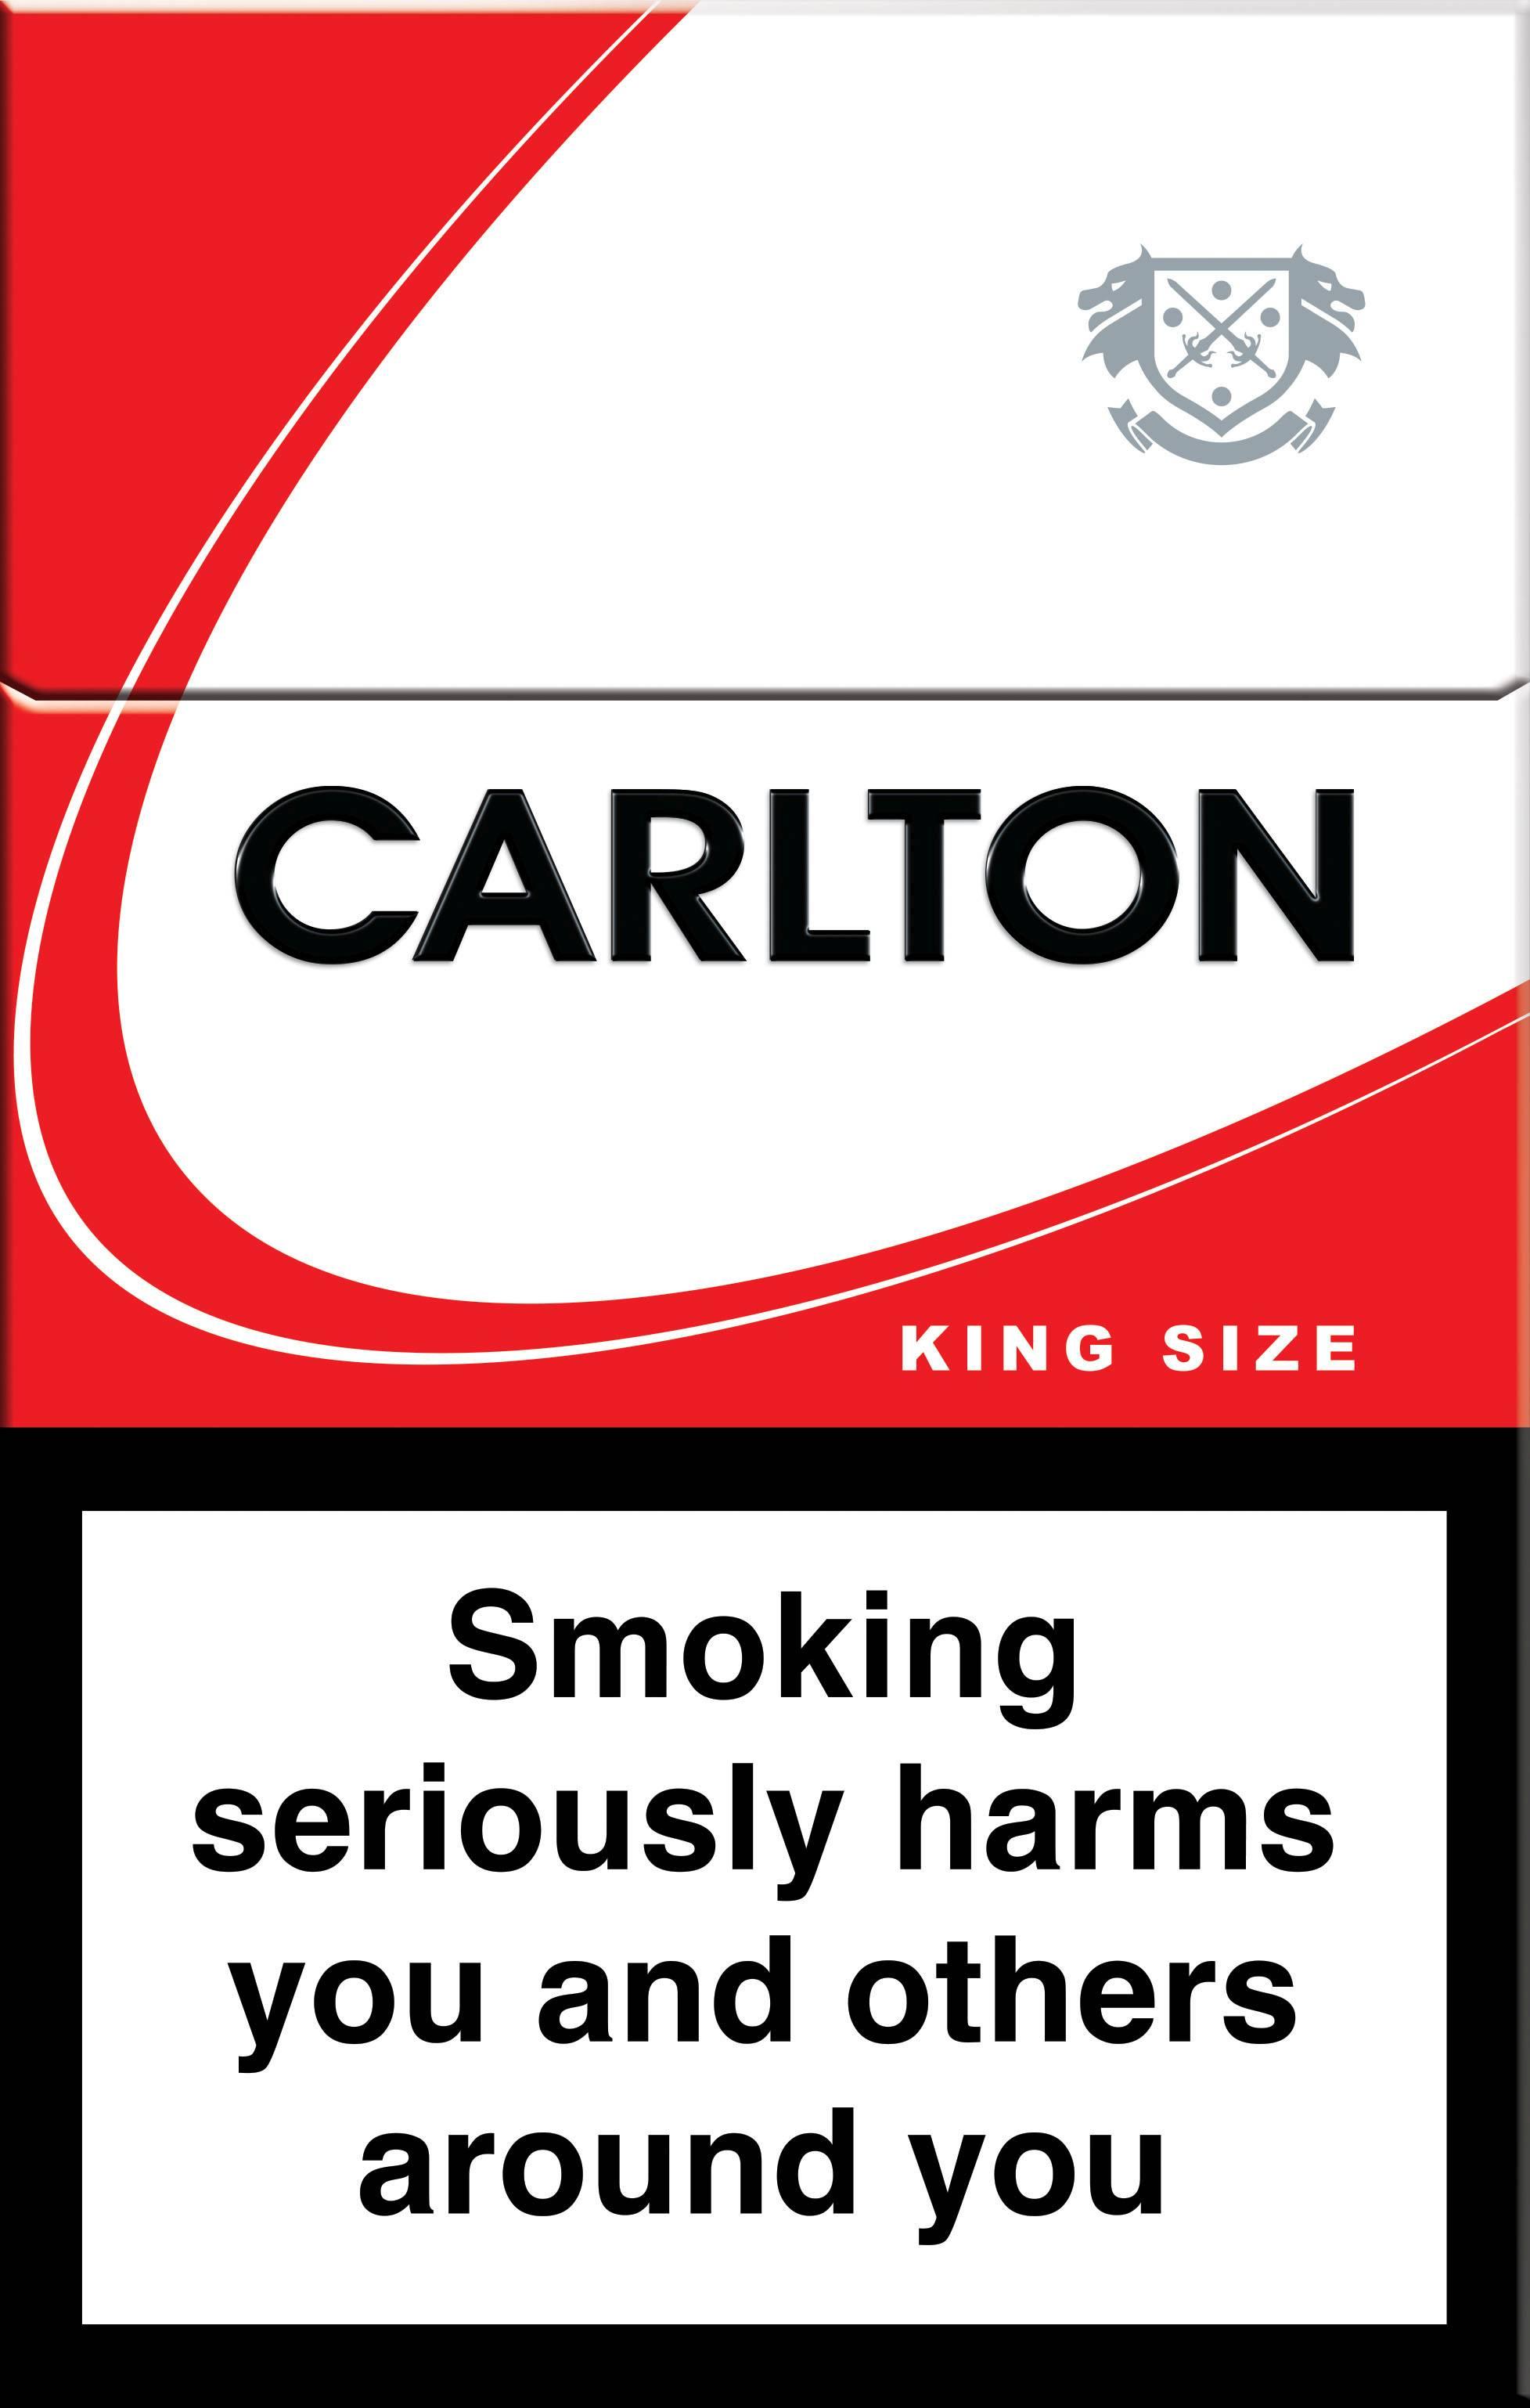 Imperial Tobacco announces Carlton cigarette range